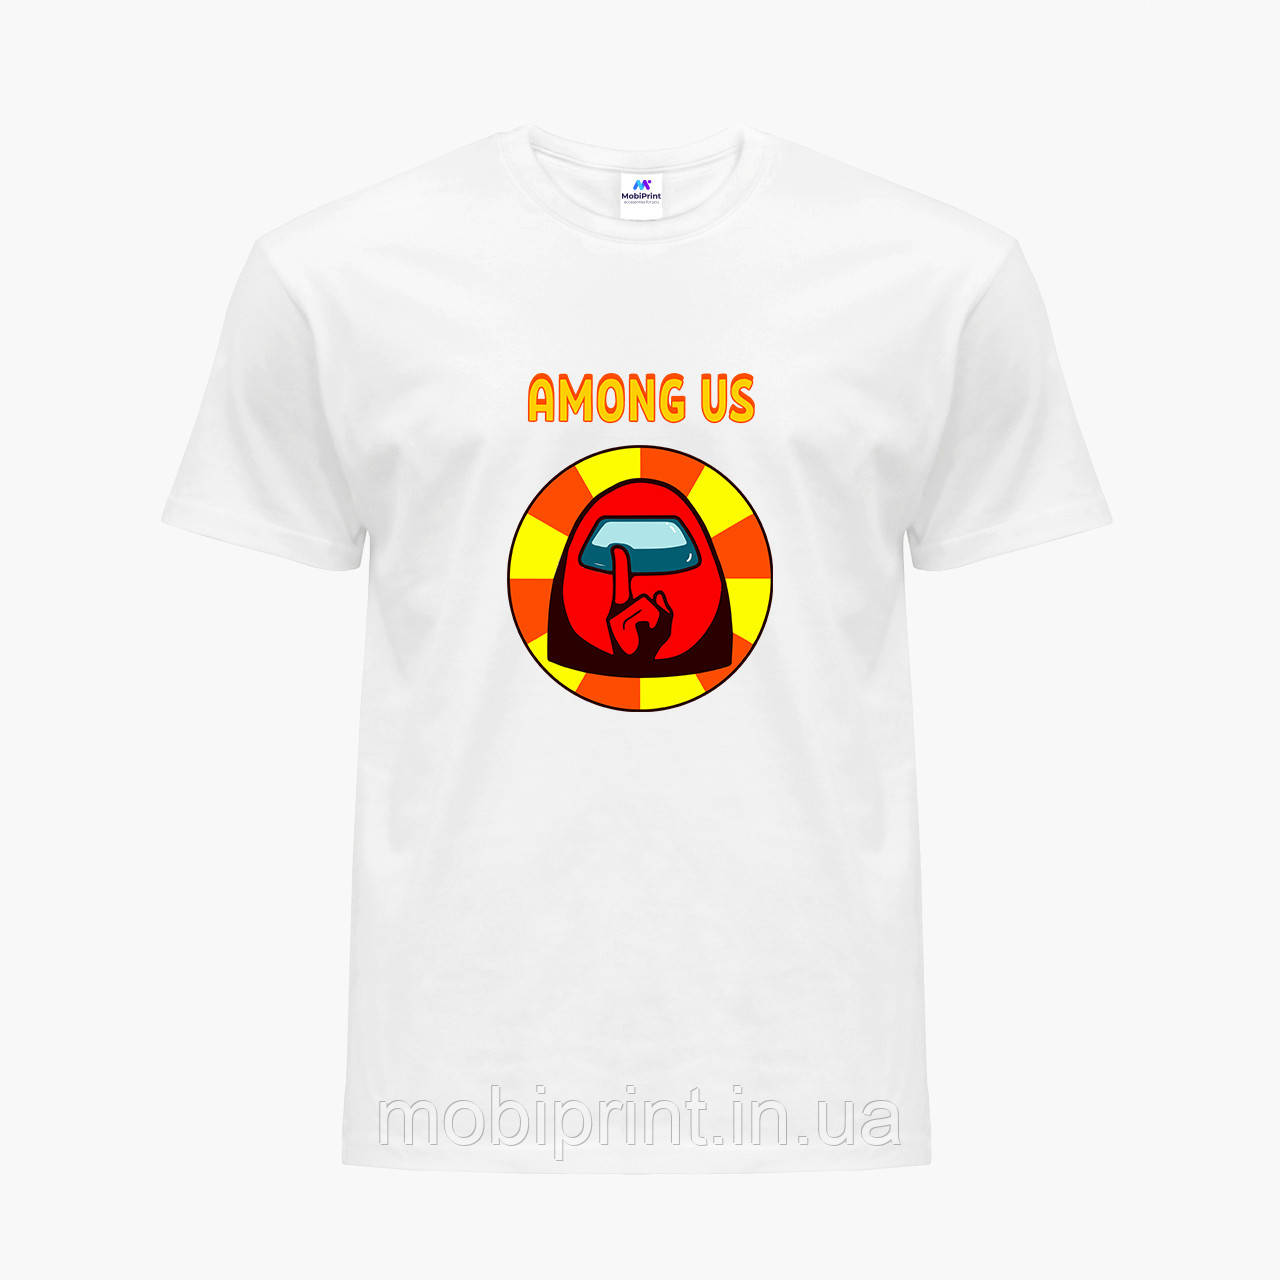 Футболка детская Амонг Ас Красный (Among Us Red) Белый (9224-2412)